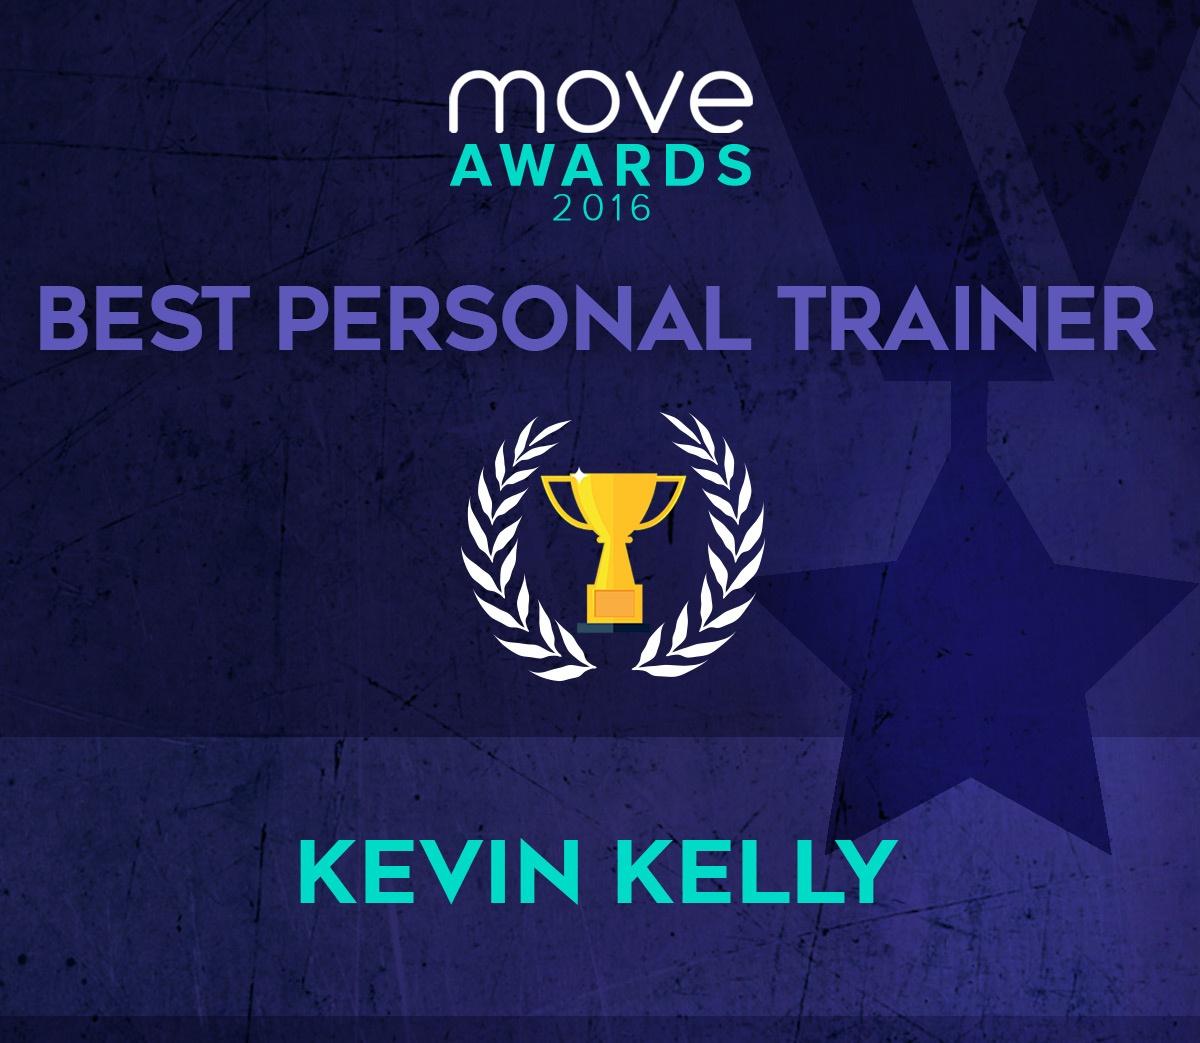 Best-Personal-Trainer-Glasgow2.jpg